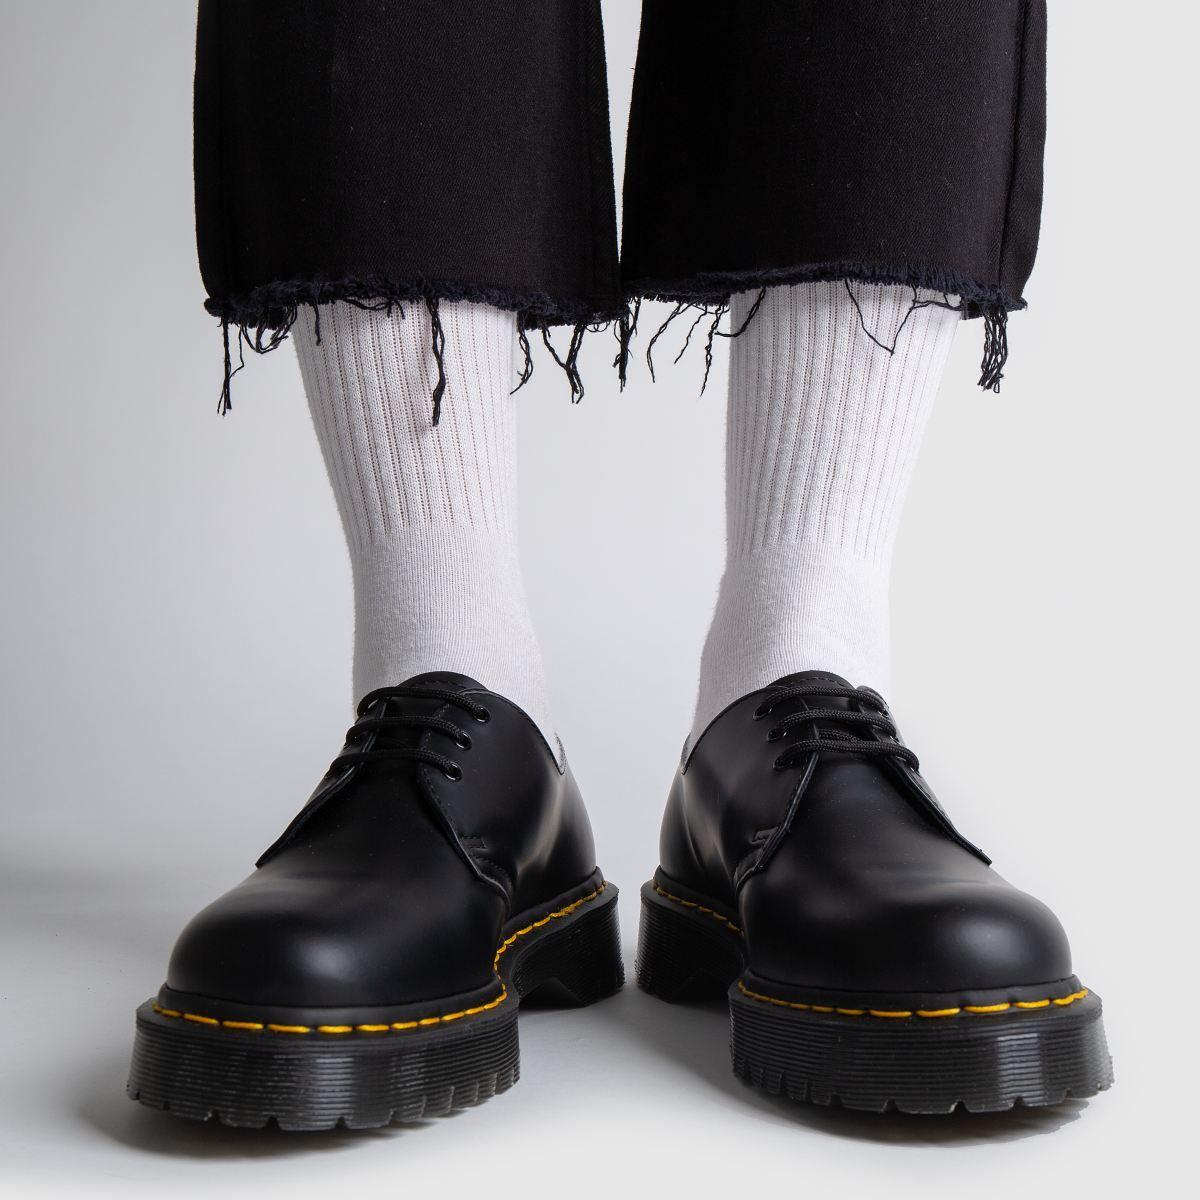 Dr Martens 1461 Bex Shoe Flat Shoes